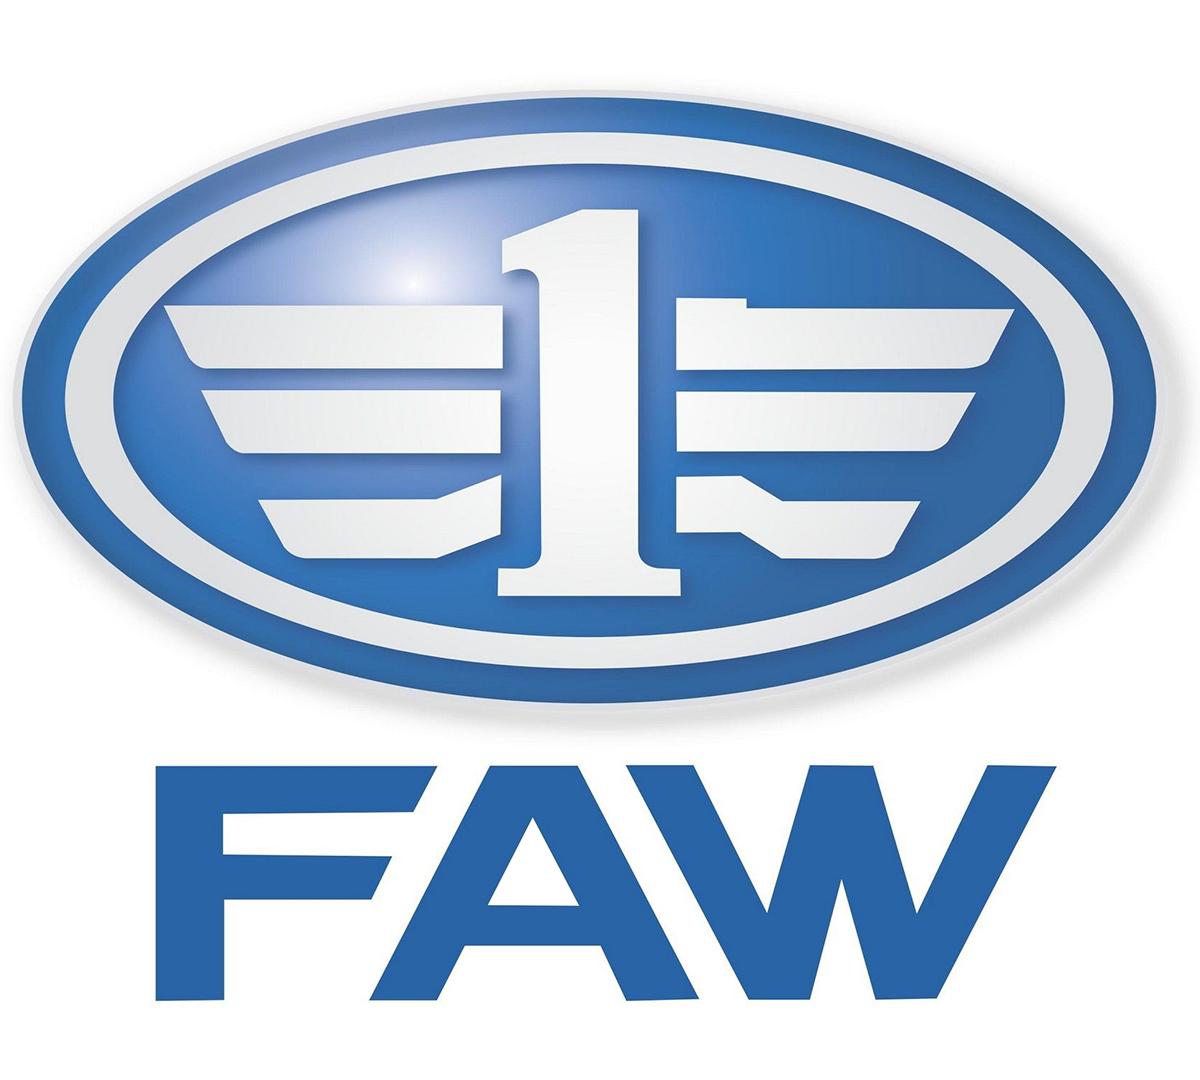 ремонт FAW